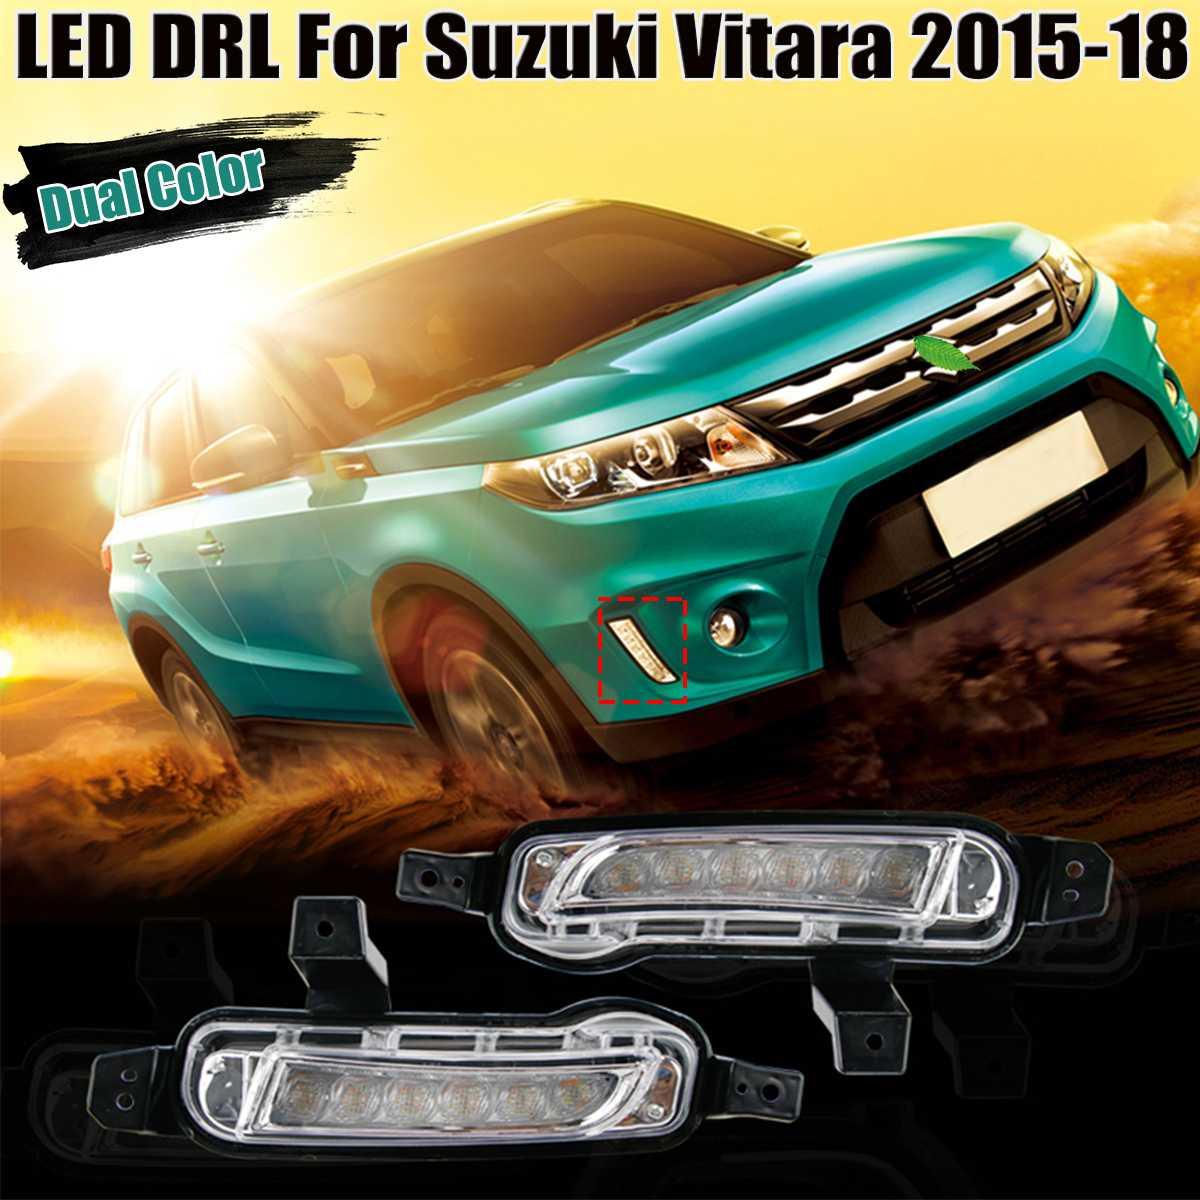 Белый янтарь двойной светодиодный СИД DRL дневного света противотуманные огни световой сигнал для Suzuki Vitara 2015 2016 2017 2018